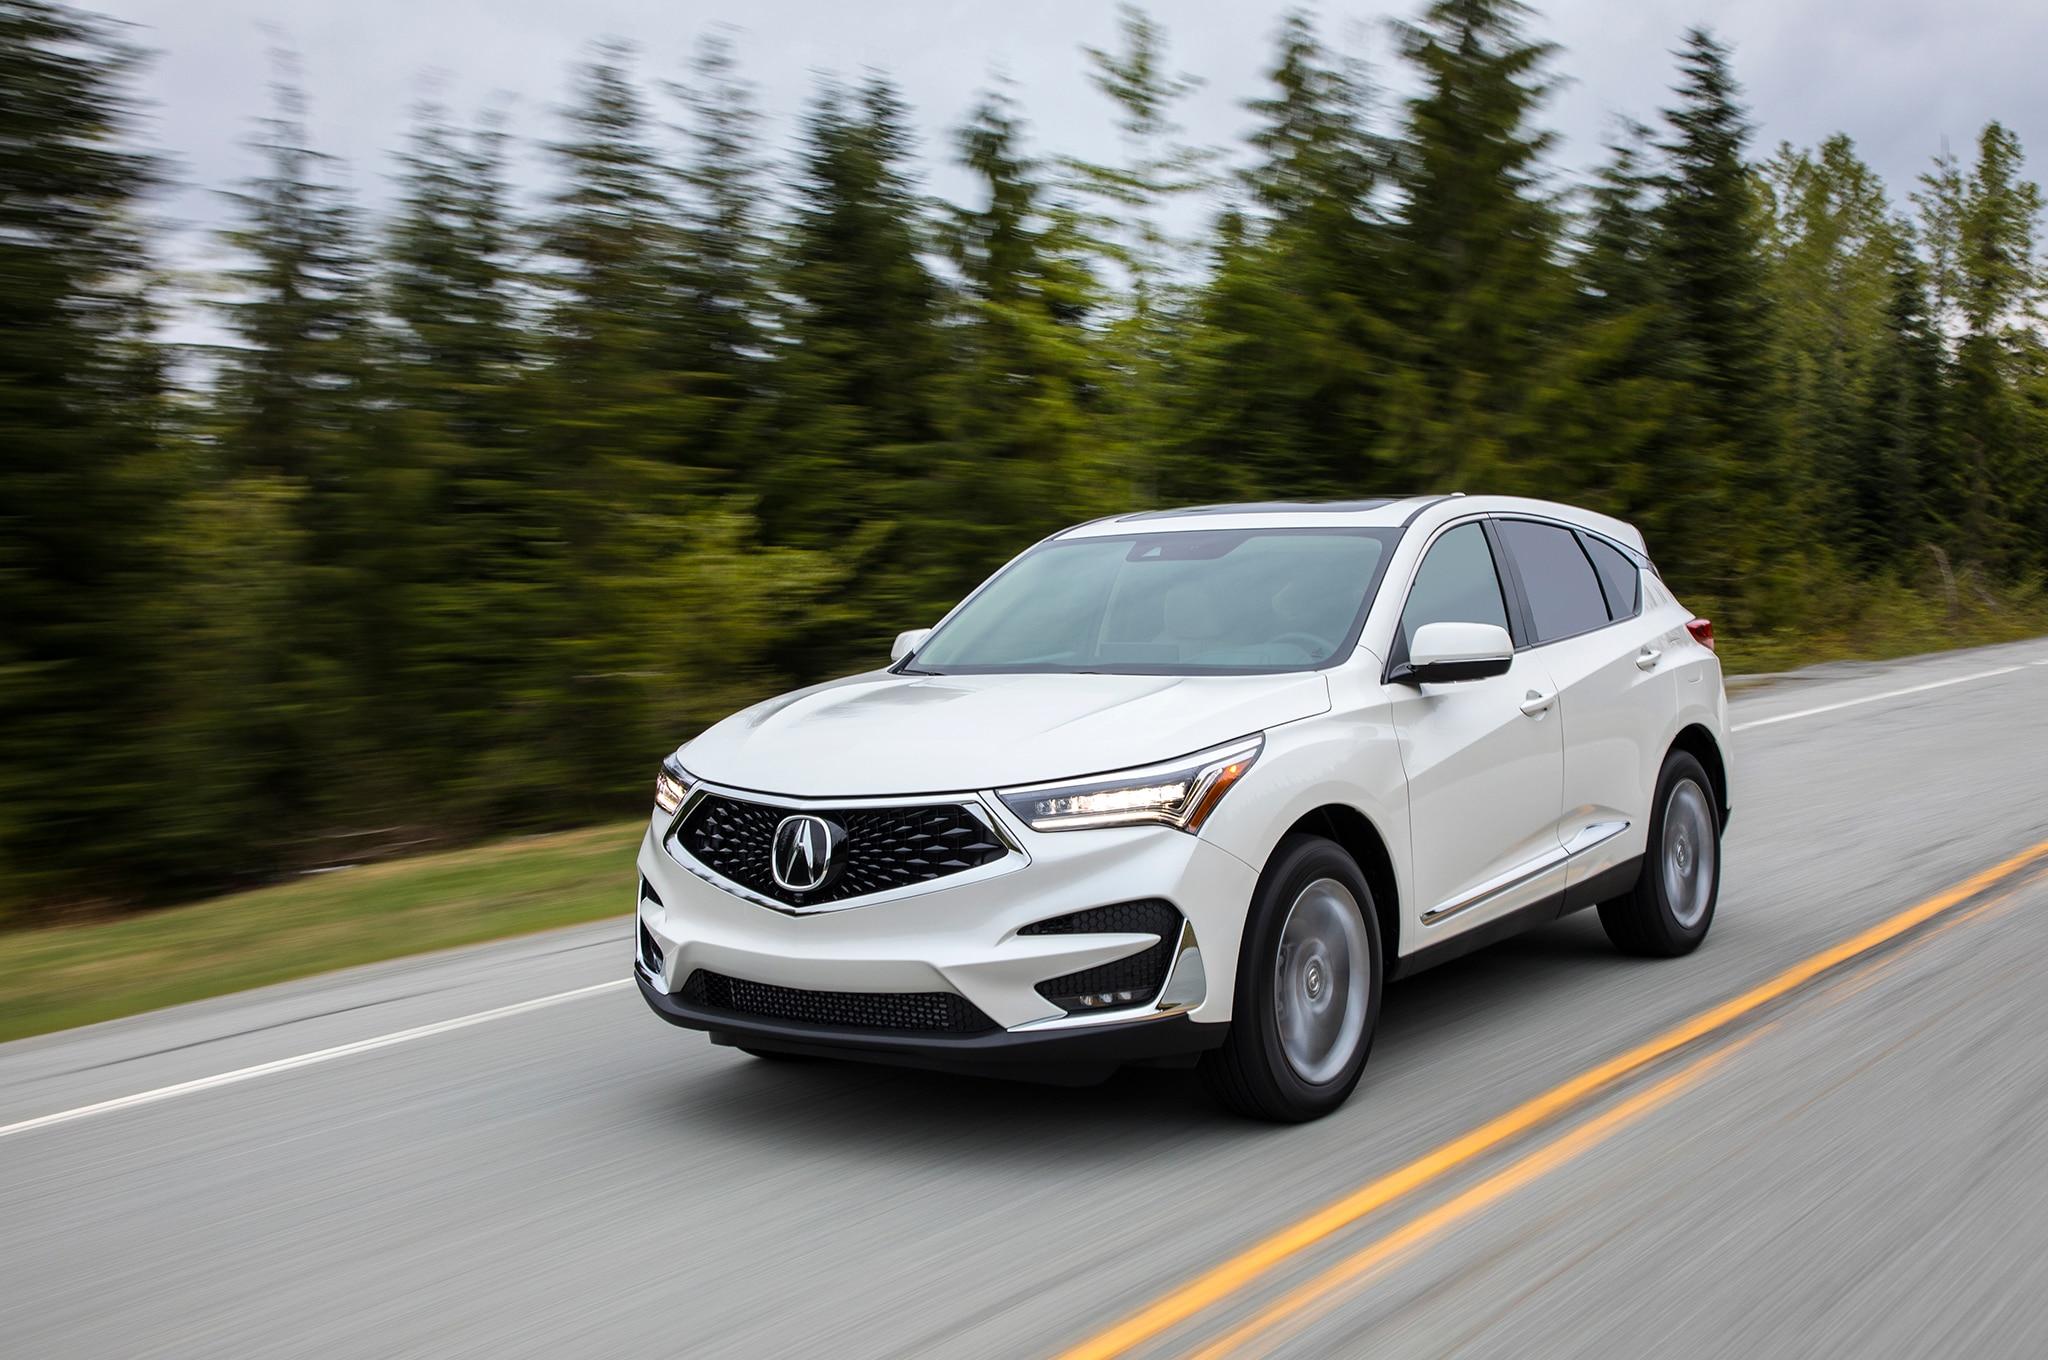 2019 acura rdx first drive review automobile magazine rh automobilemag com